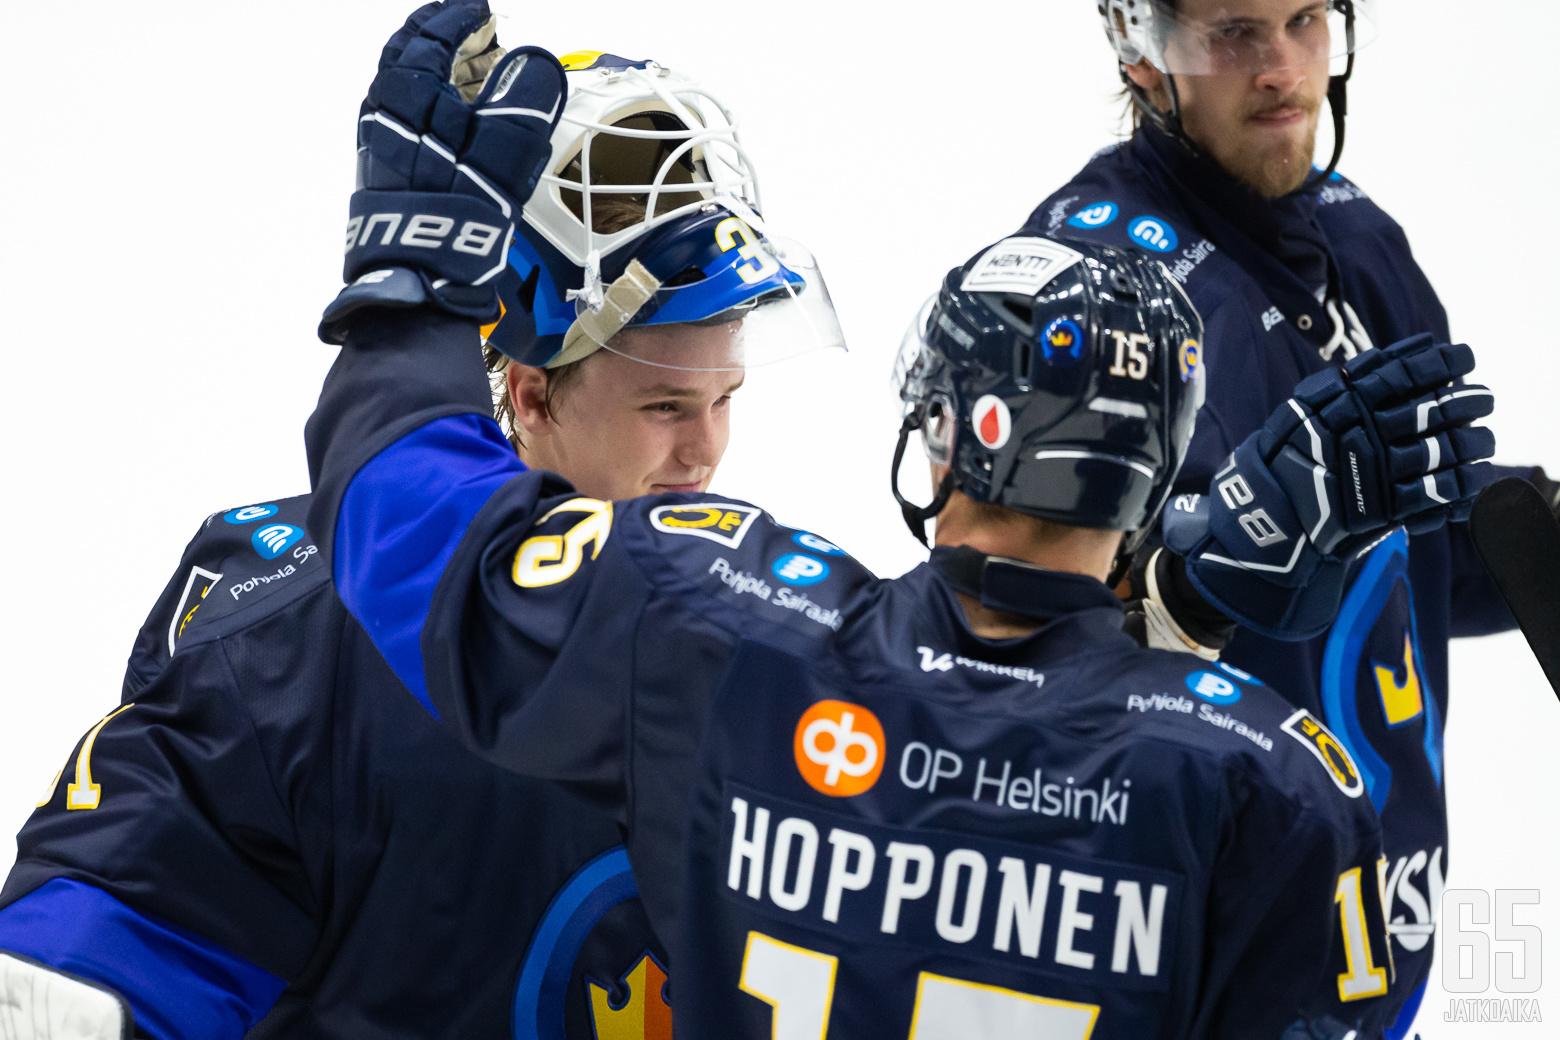 Roope Taponen (31), Kiekko-Espoo ,ottelussa Kiekko-Espoo - TUTO, 1/10/2020, Metro Areena, Espoo, Suomi. Photo: Joonas Kämäräinen